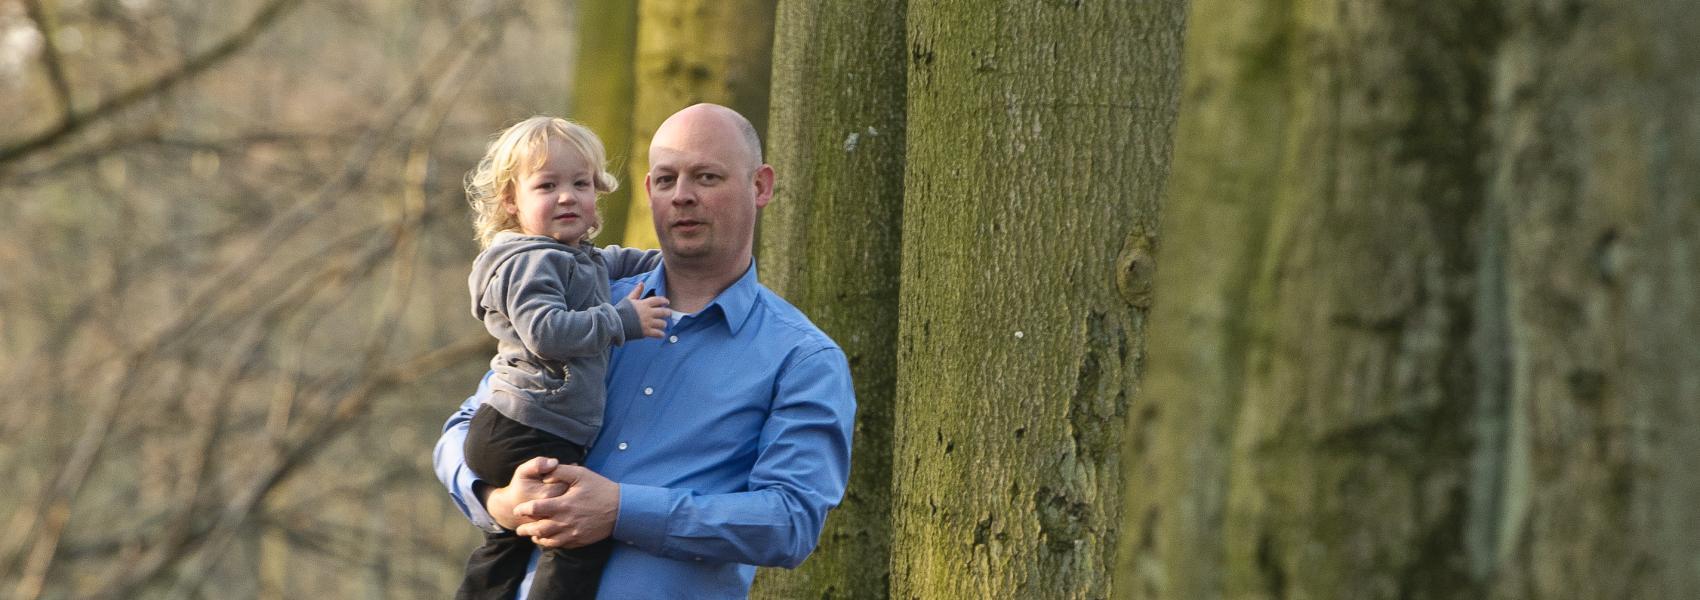 papa met dochter in het bos